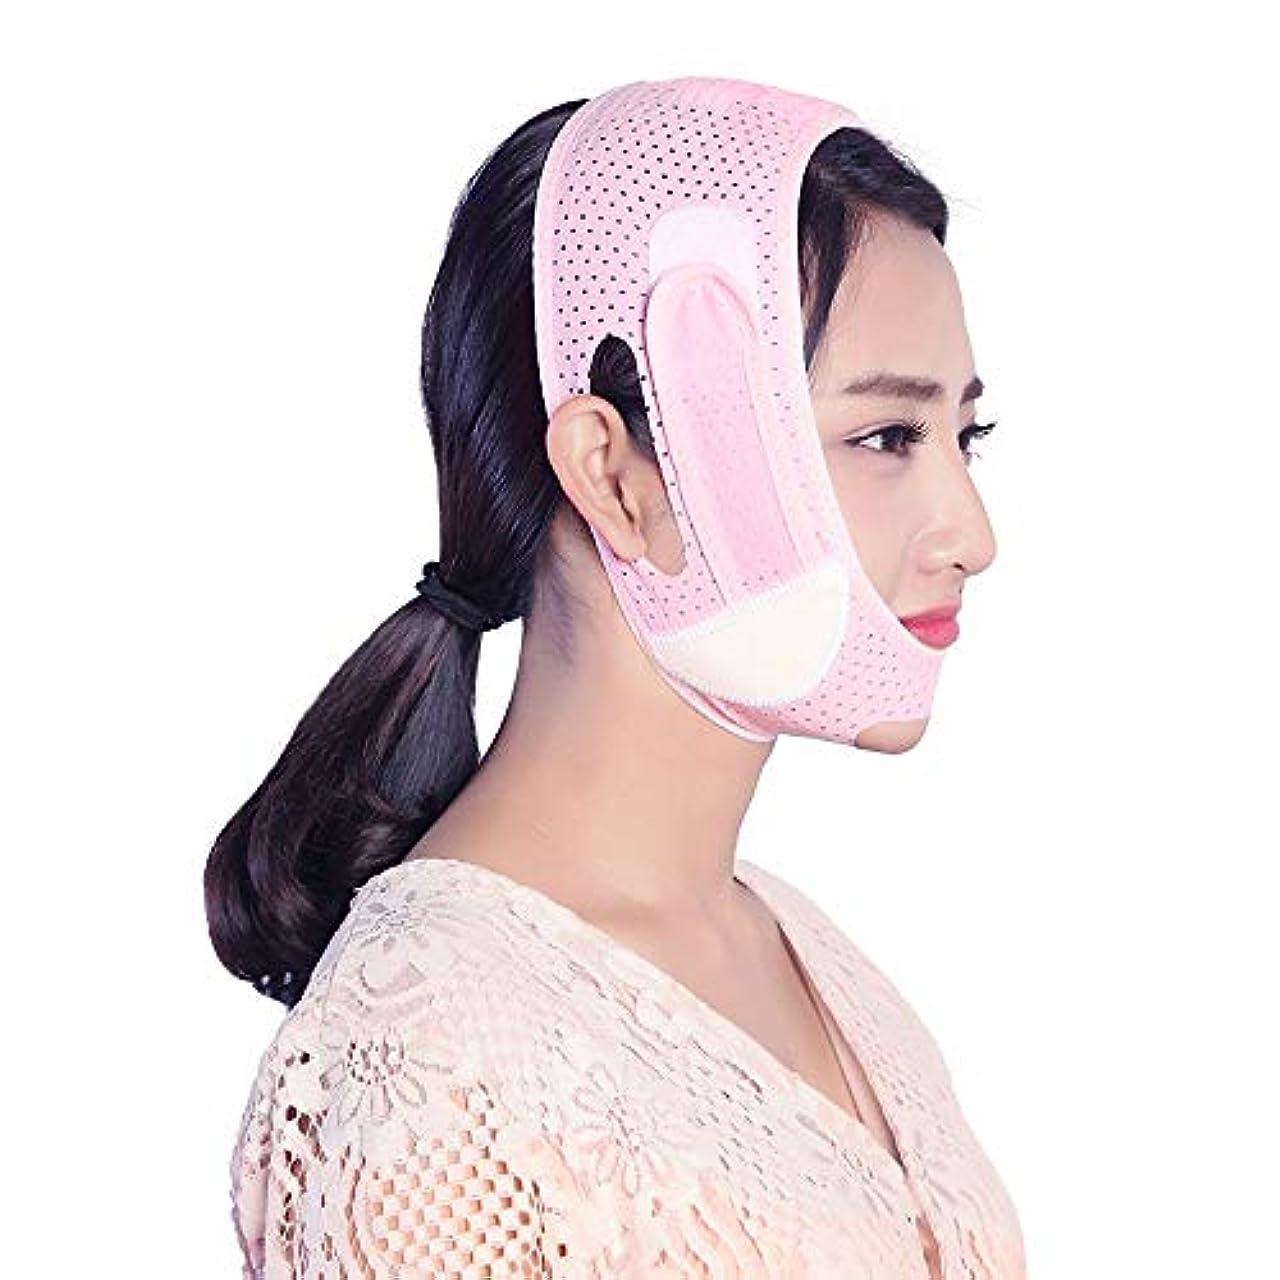 寺院関税空白GYZ 睡眠薄い顔パッチ包帯吊り上げプルv顔引き締めどころアーティファクト判決パターン二重あご薄いマッセルマスク - ピンク Thin Face Belt